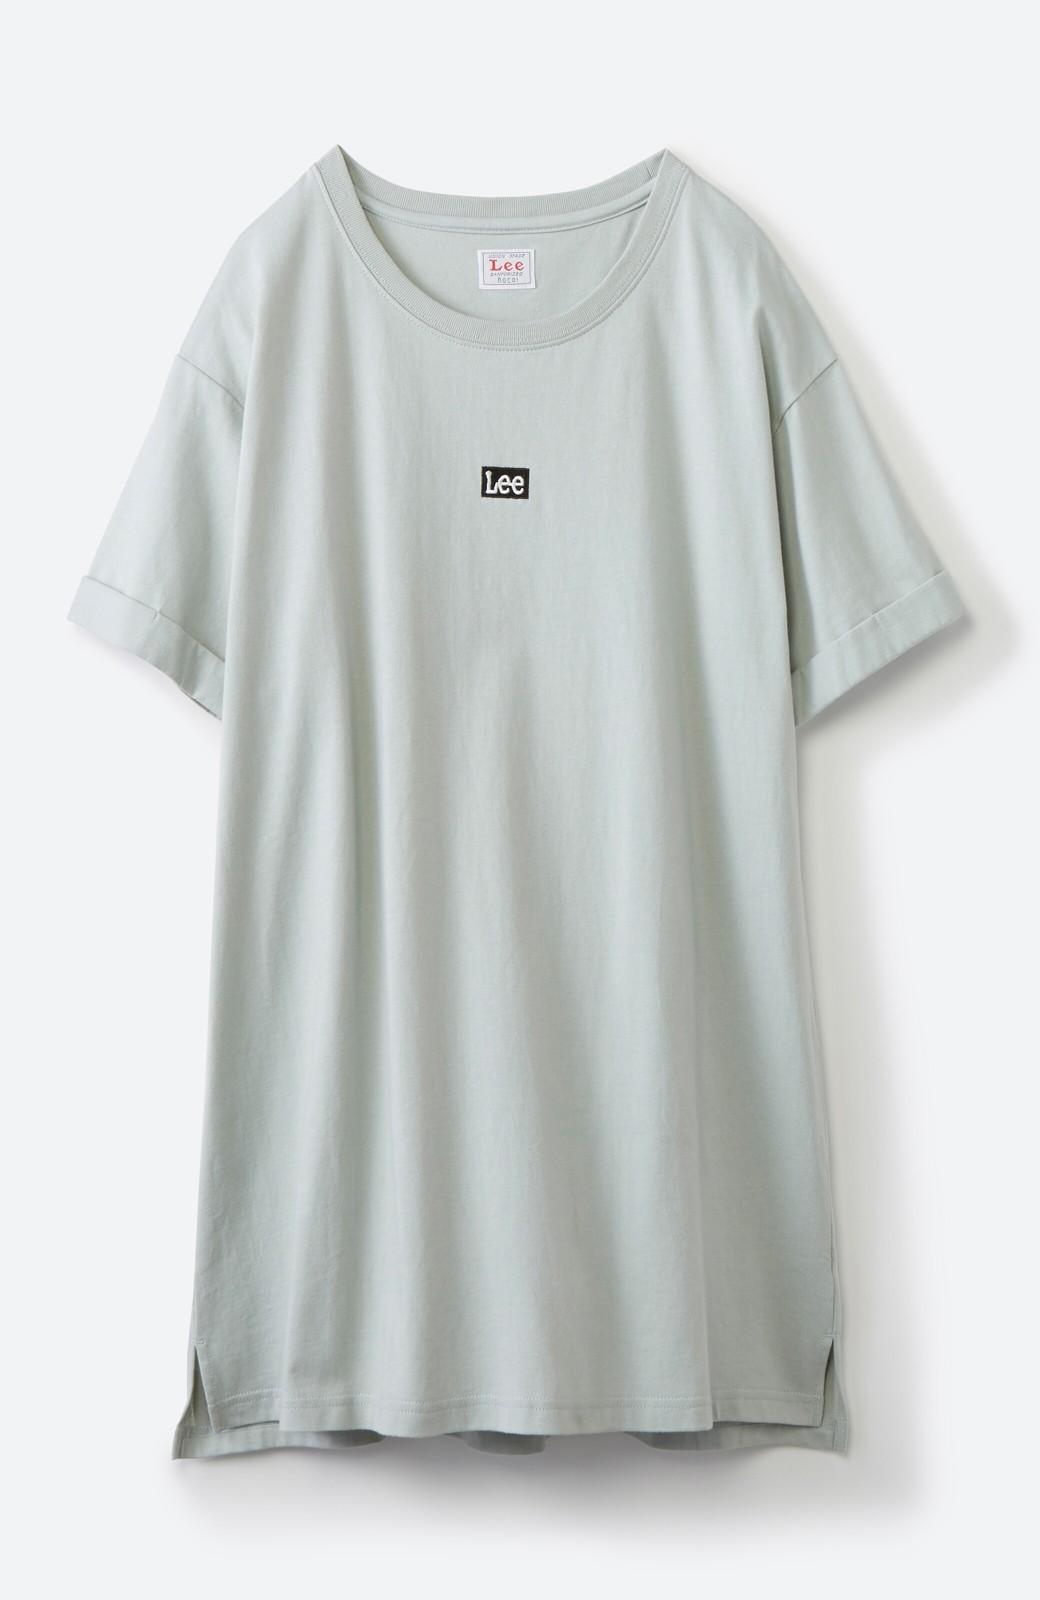 haco! 別注Lee ベルトでウエストマークしてもかわいいチュニックTシャツ <ミント>の商品写真15